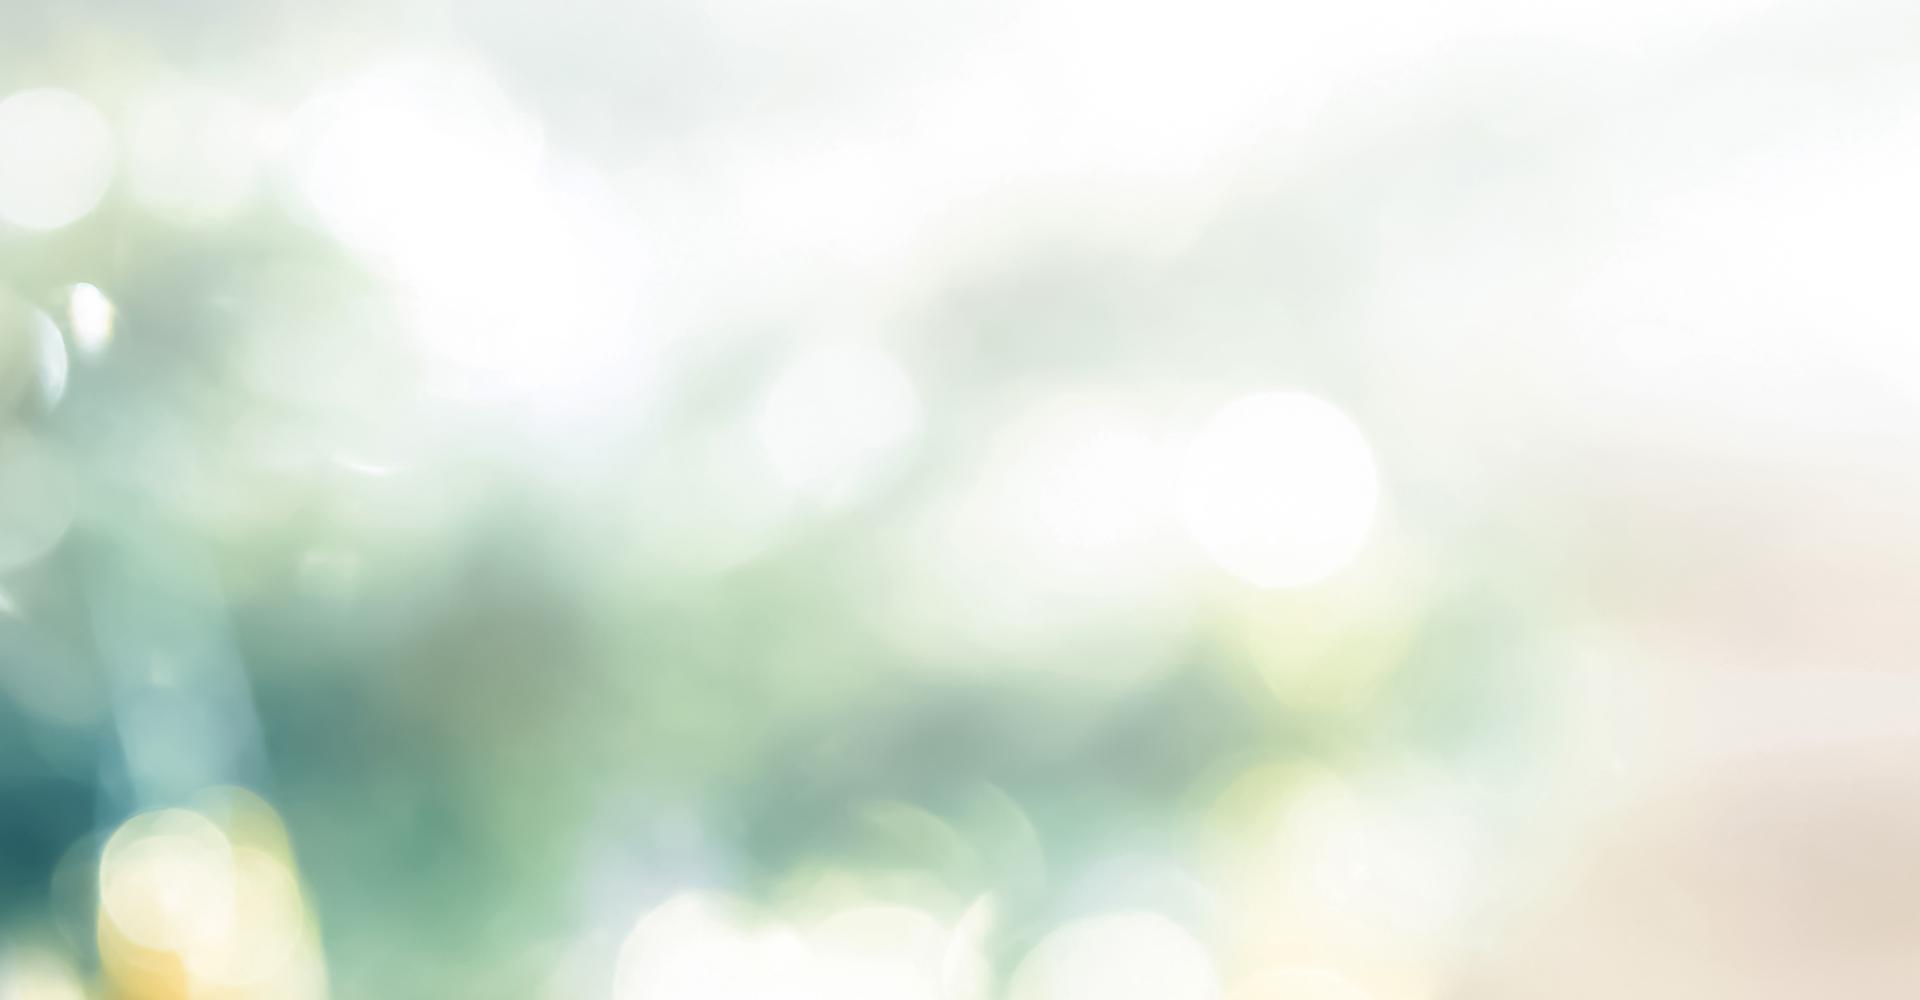 大門美園自治会 メインビジュアルイメージ画像